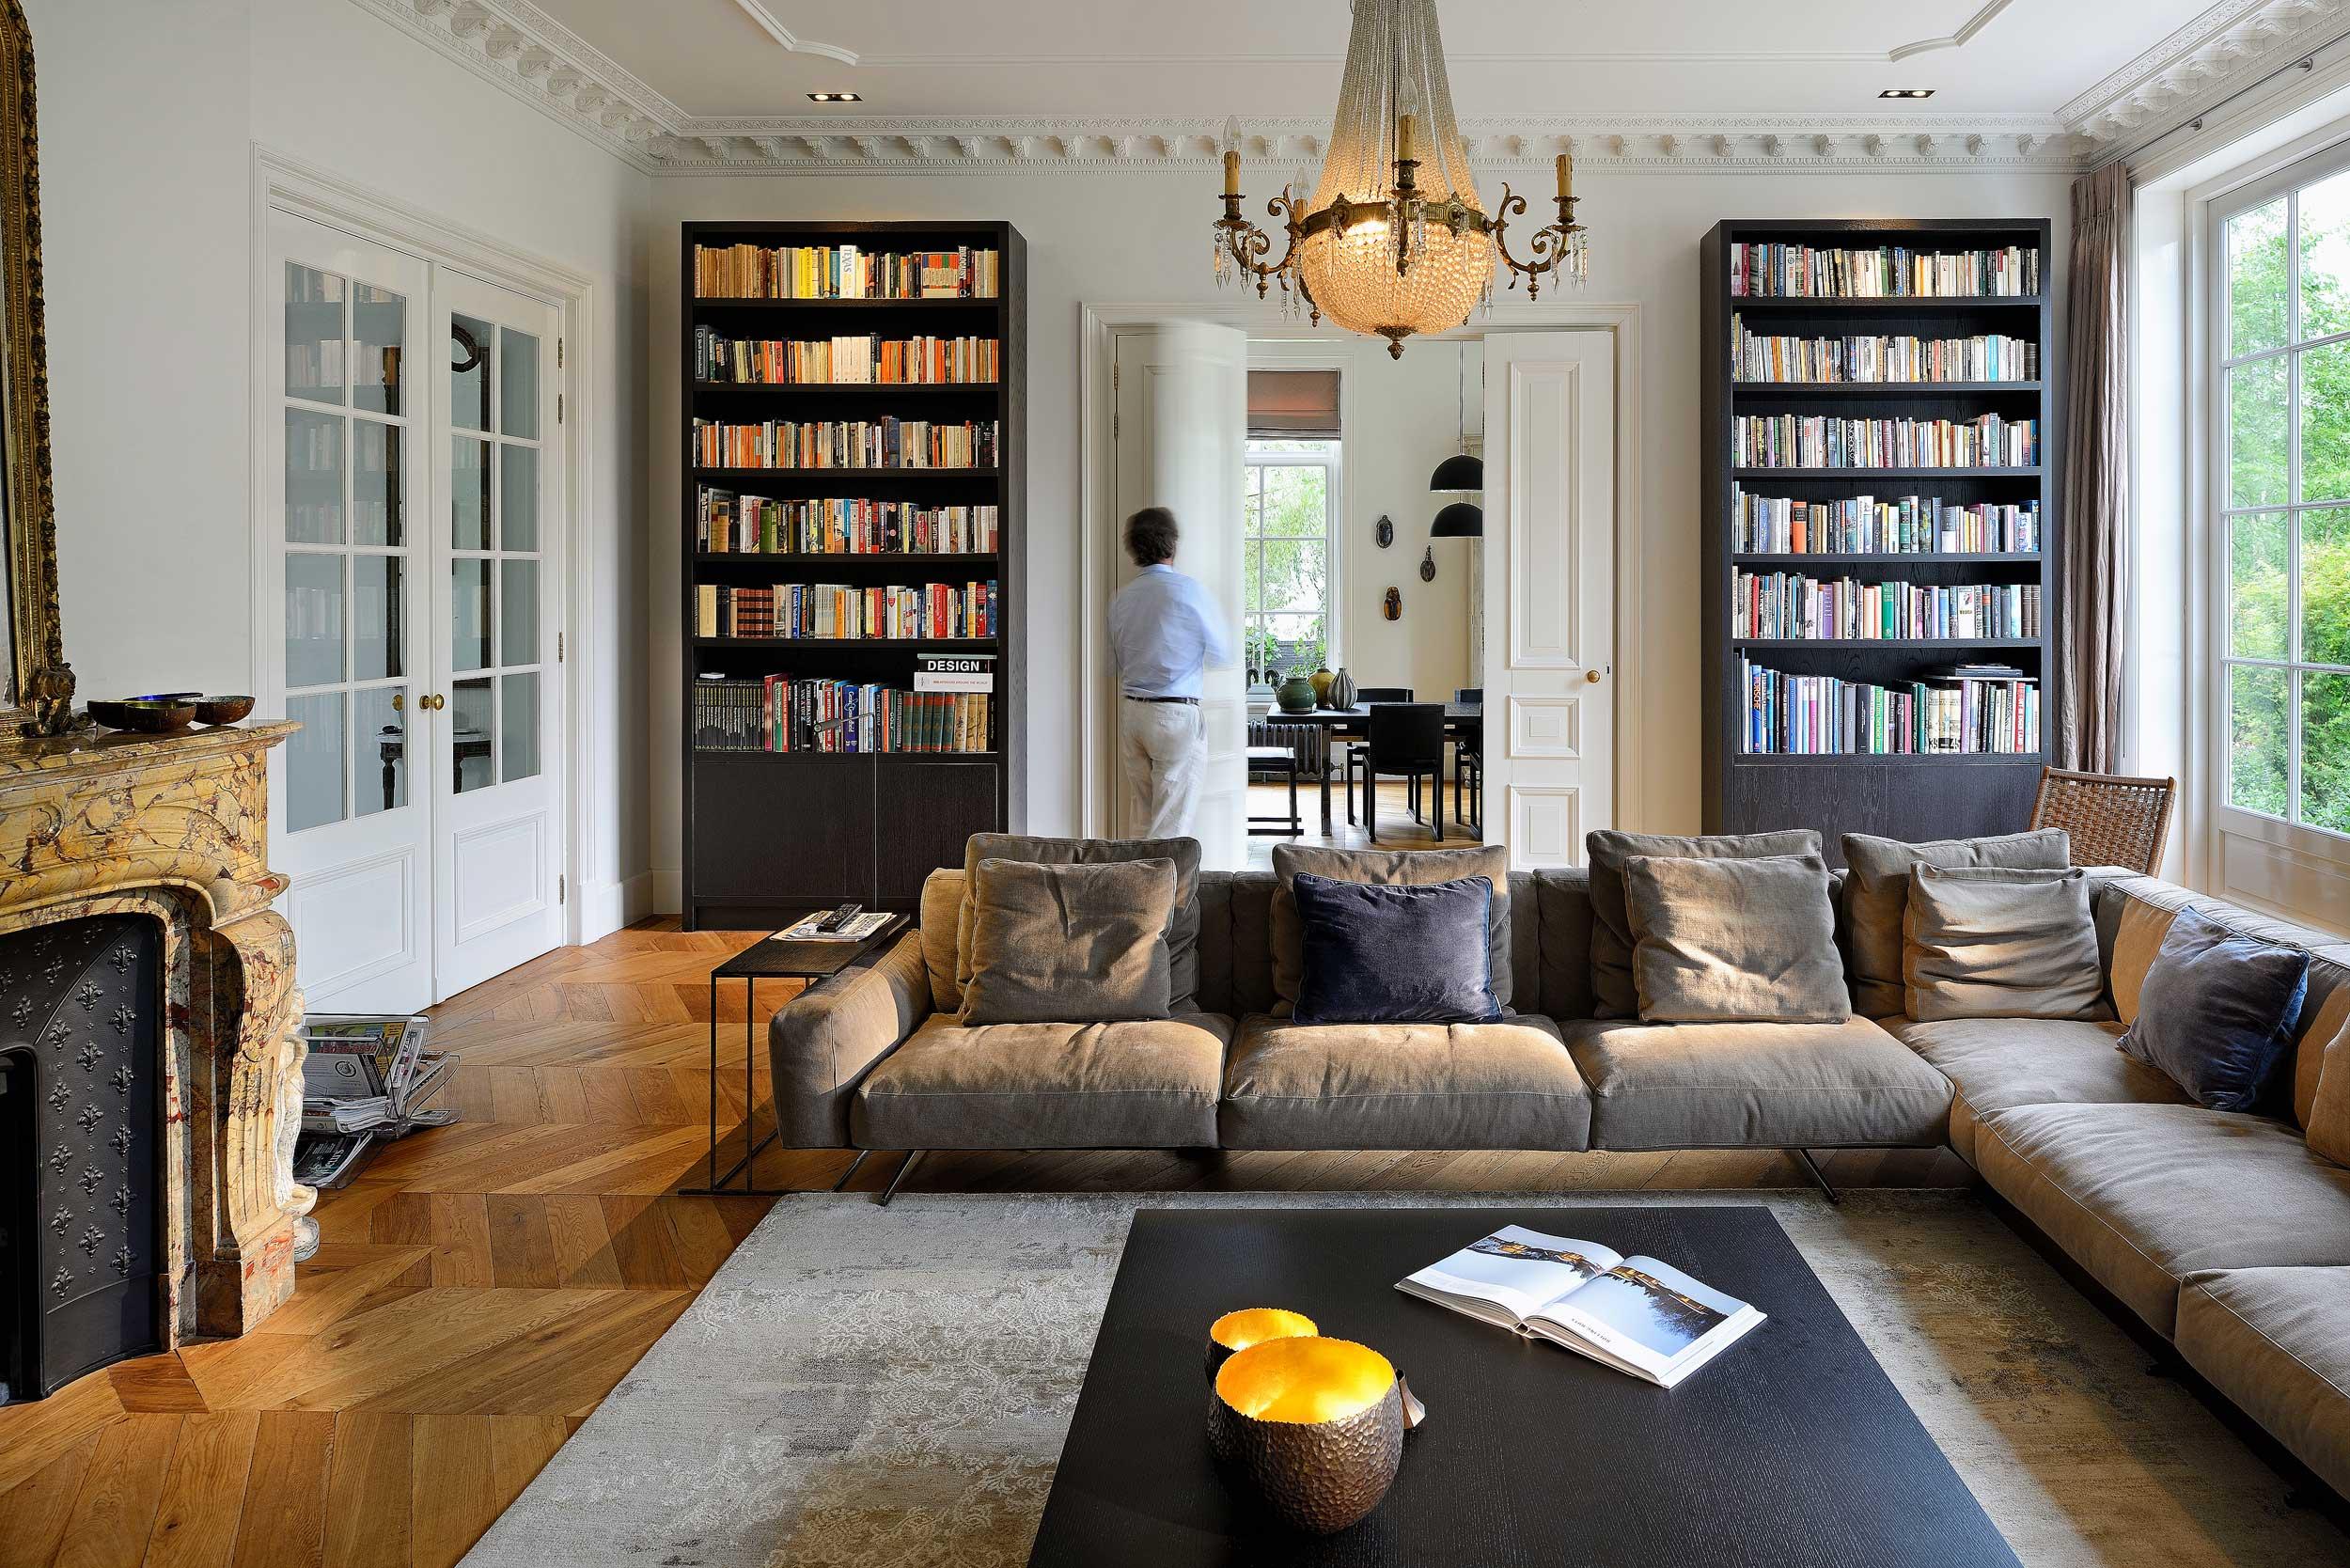 Interieur villa Amstelveen. Fotografie door interieurfotograaf Chiel de Nooyer